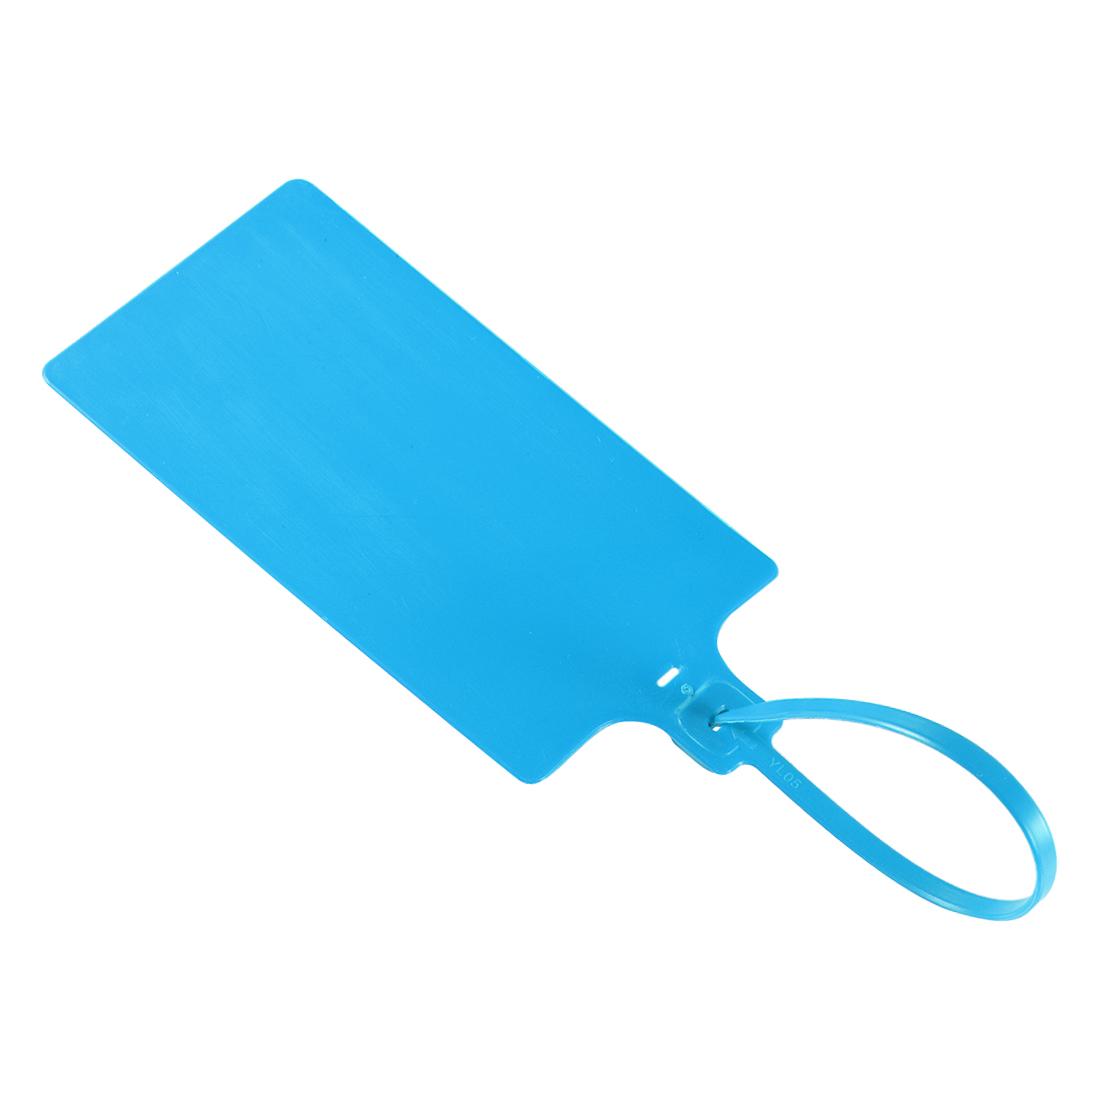 Plastic Zip Ties Seals Anti-Tamper 255mm Length, Blue, Pack of 20